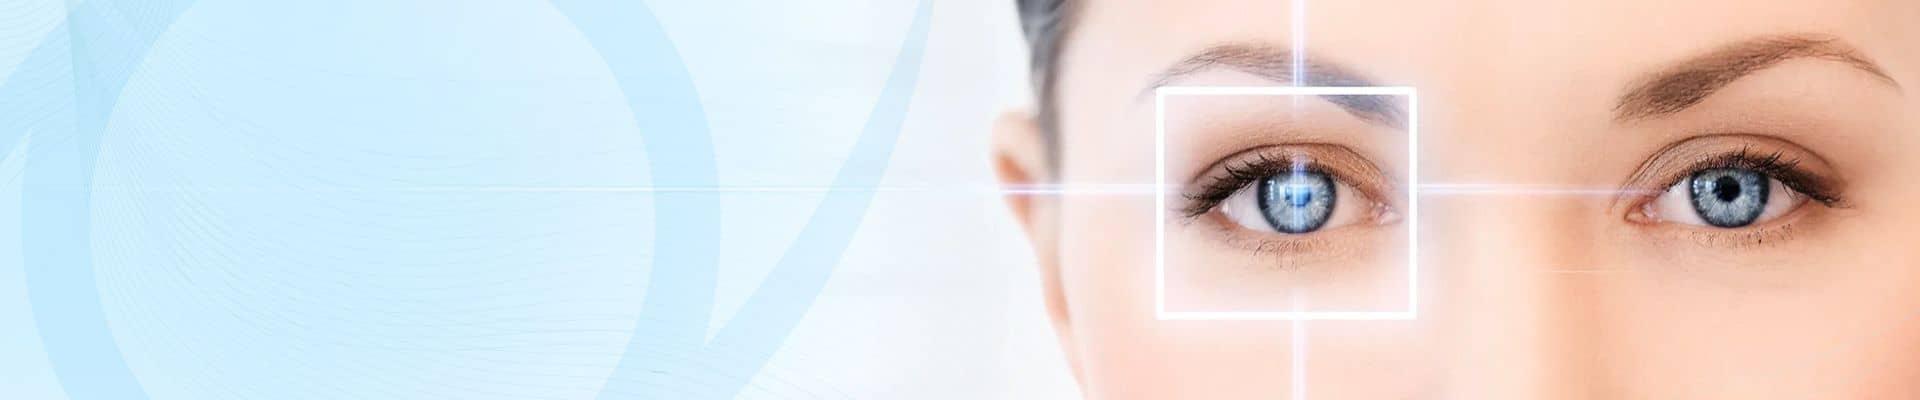 4 gyakorlat a látás javítására mentesség a látásvizsgálatok alól